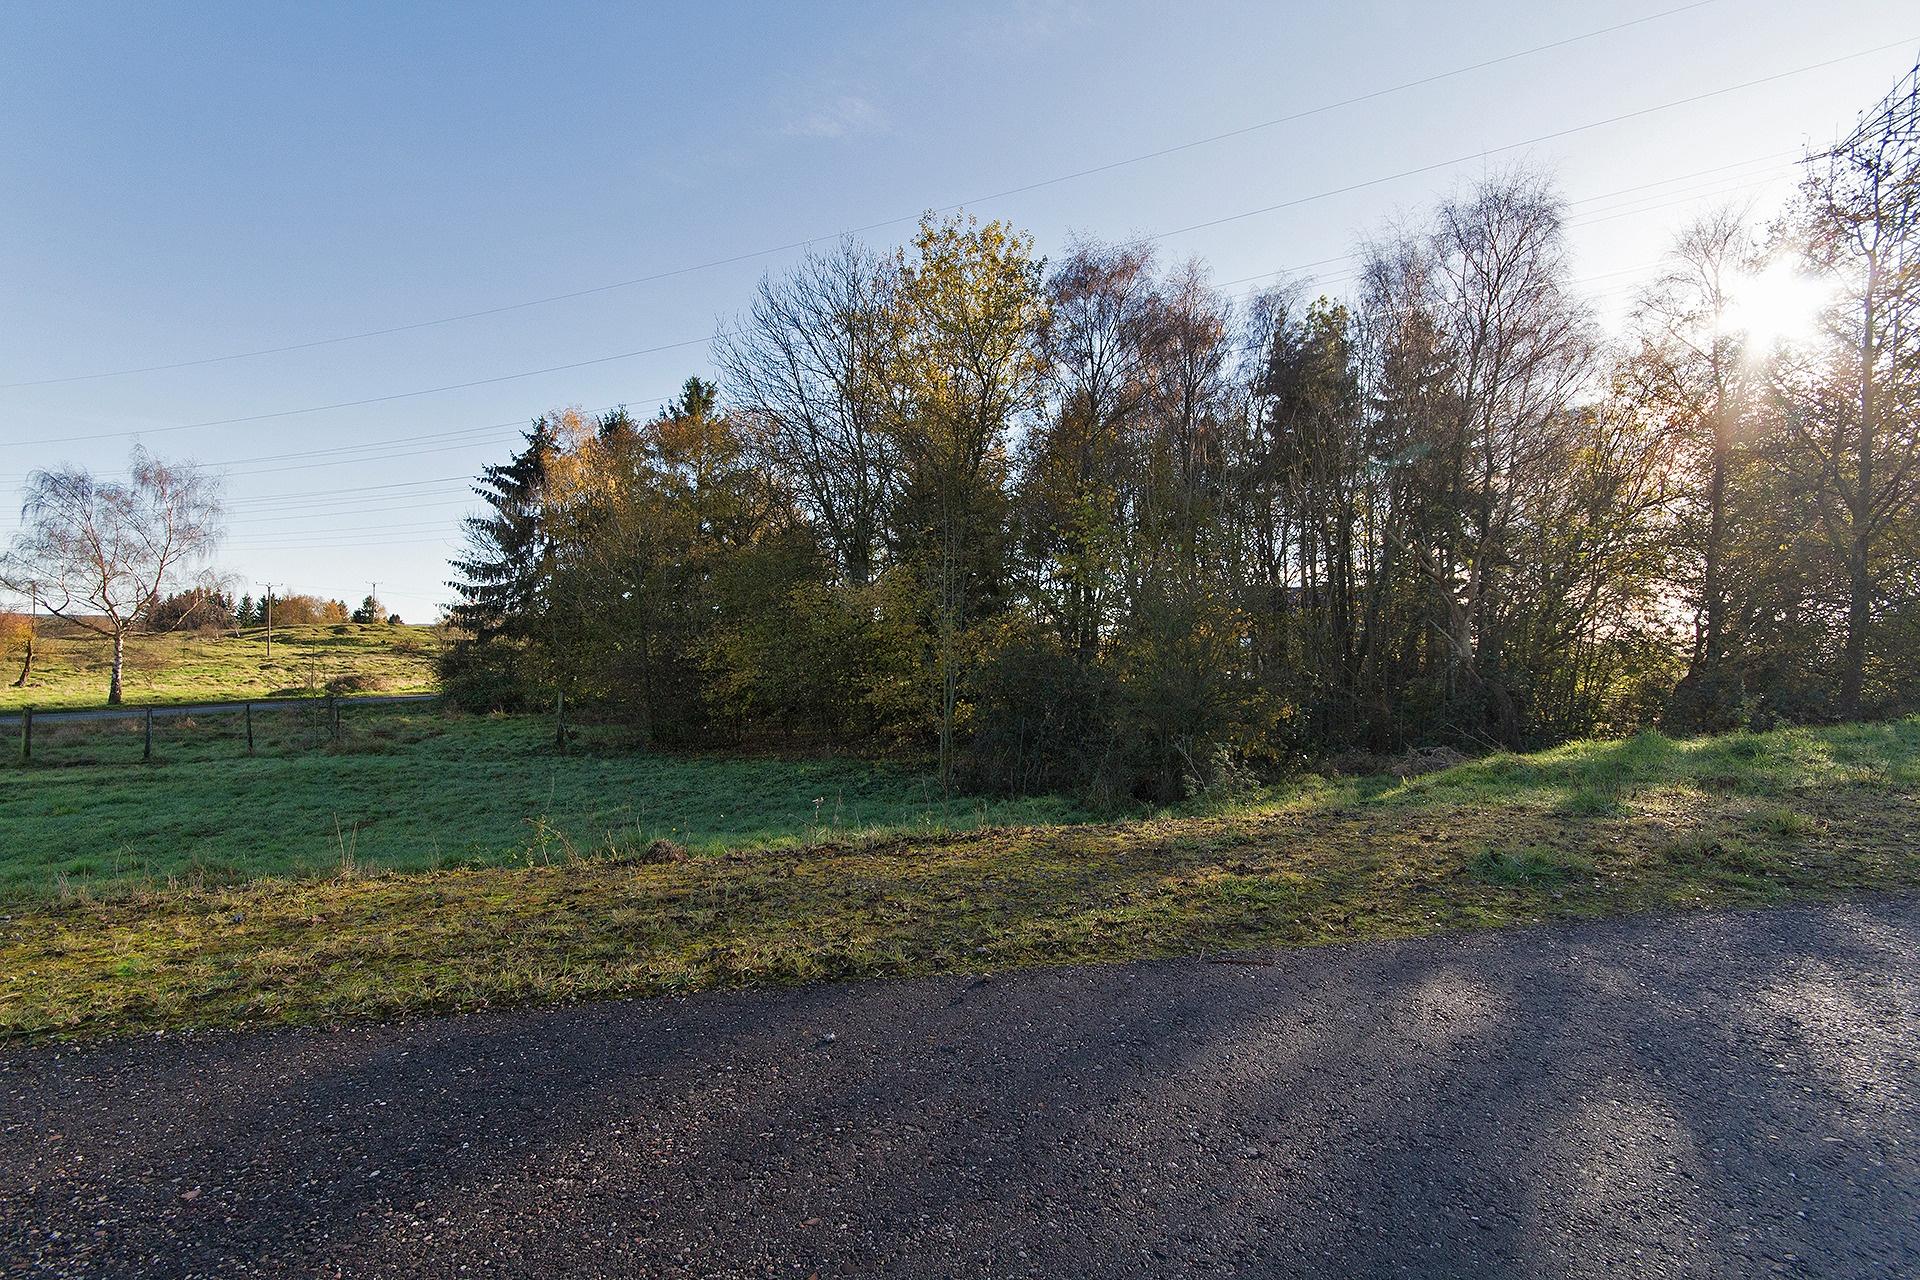 Immobilienmakler Stolberg Grundstück (Wohnbebauung) referenzen mit Immobilienbewertung